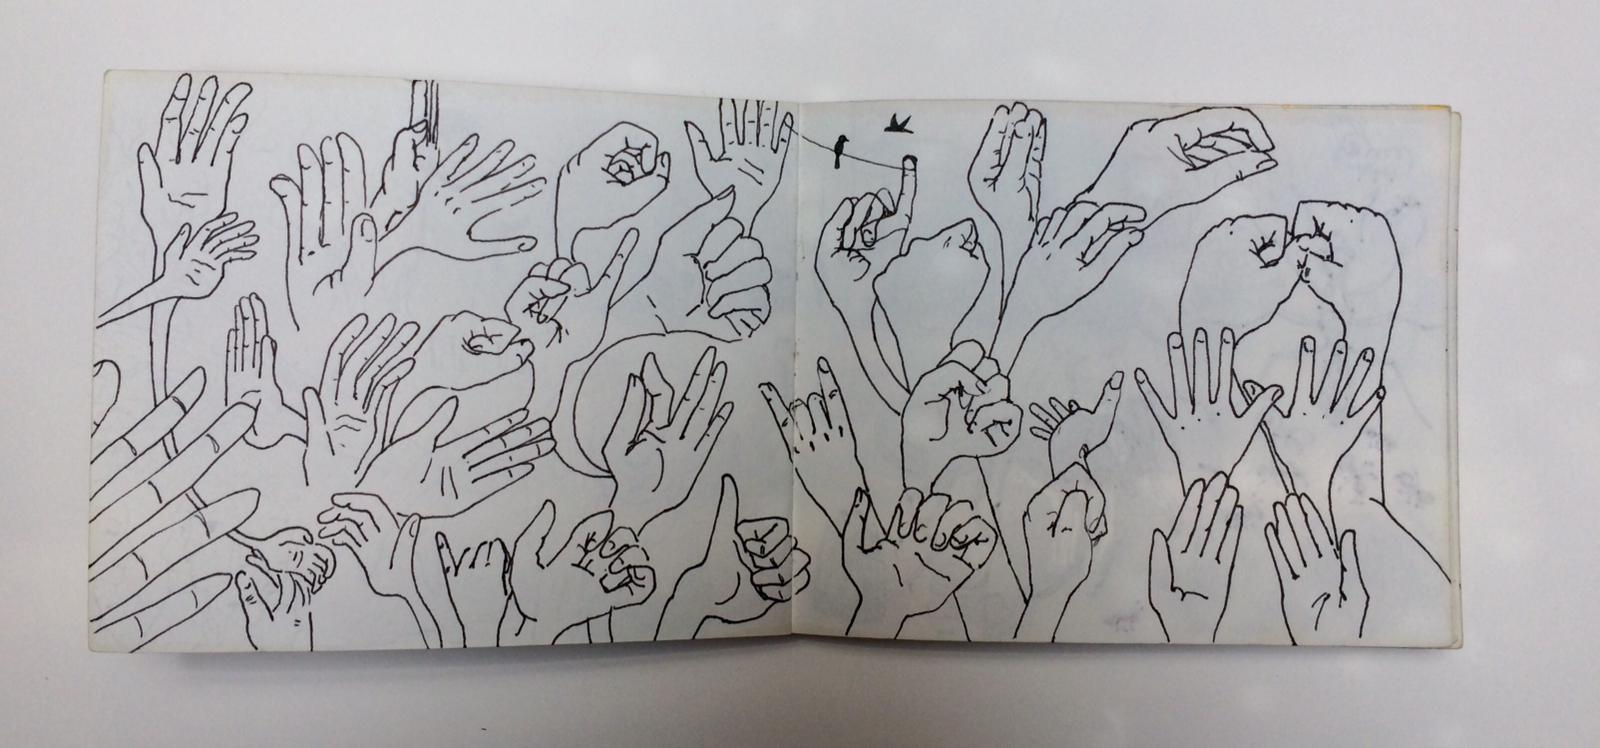 werkstatt-eden-lis-werner-illustration-skizzenbuch19